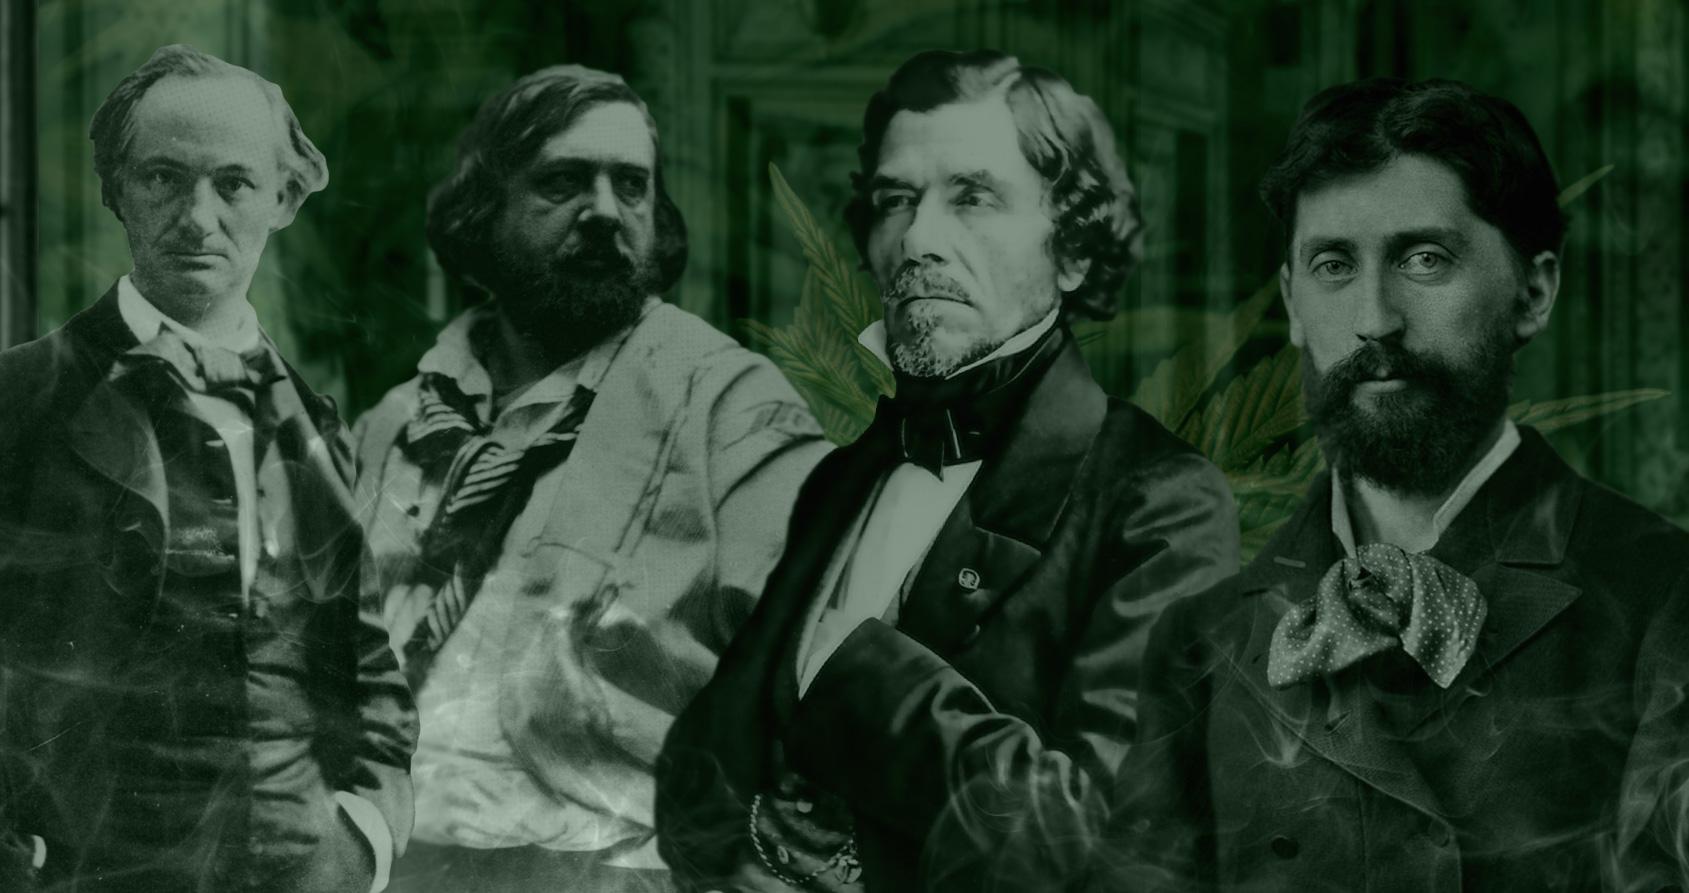 Les plus grands artistes français du XIXe siècle se réunissaient dans un club mystérieux pour fumer du shit (2)